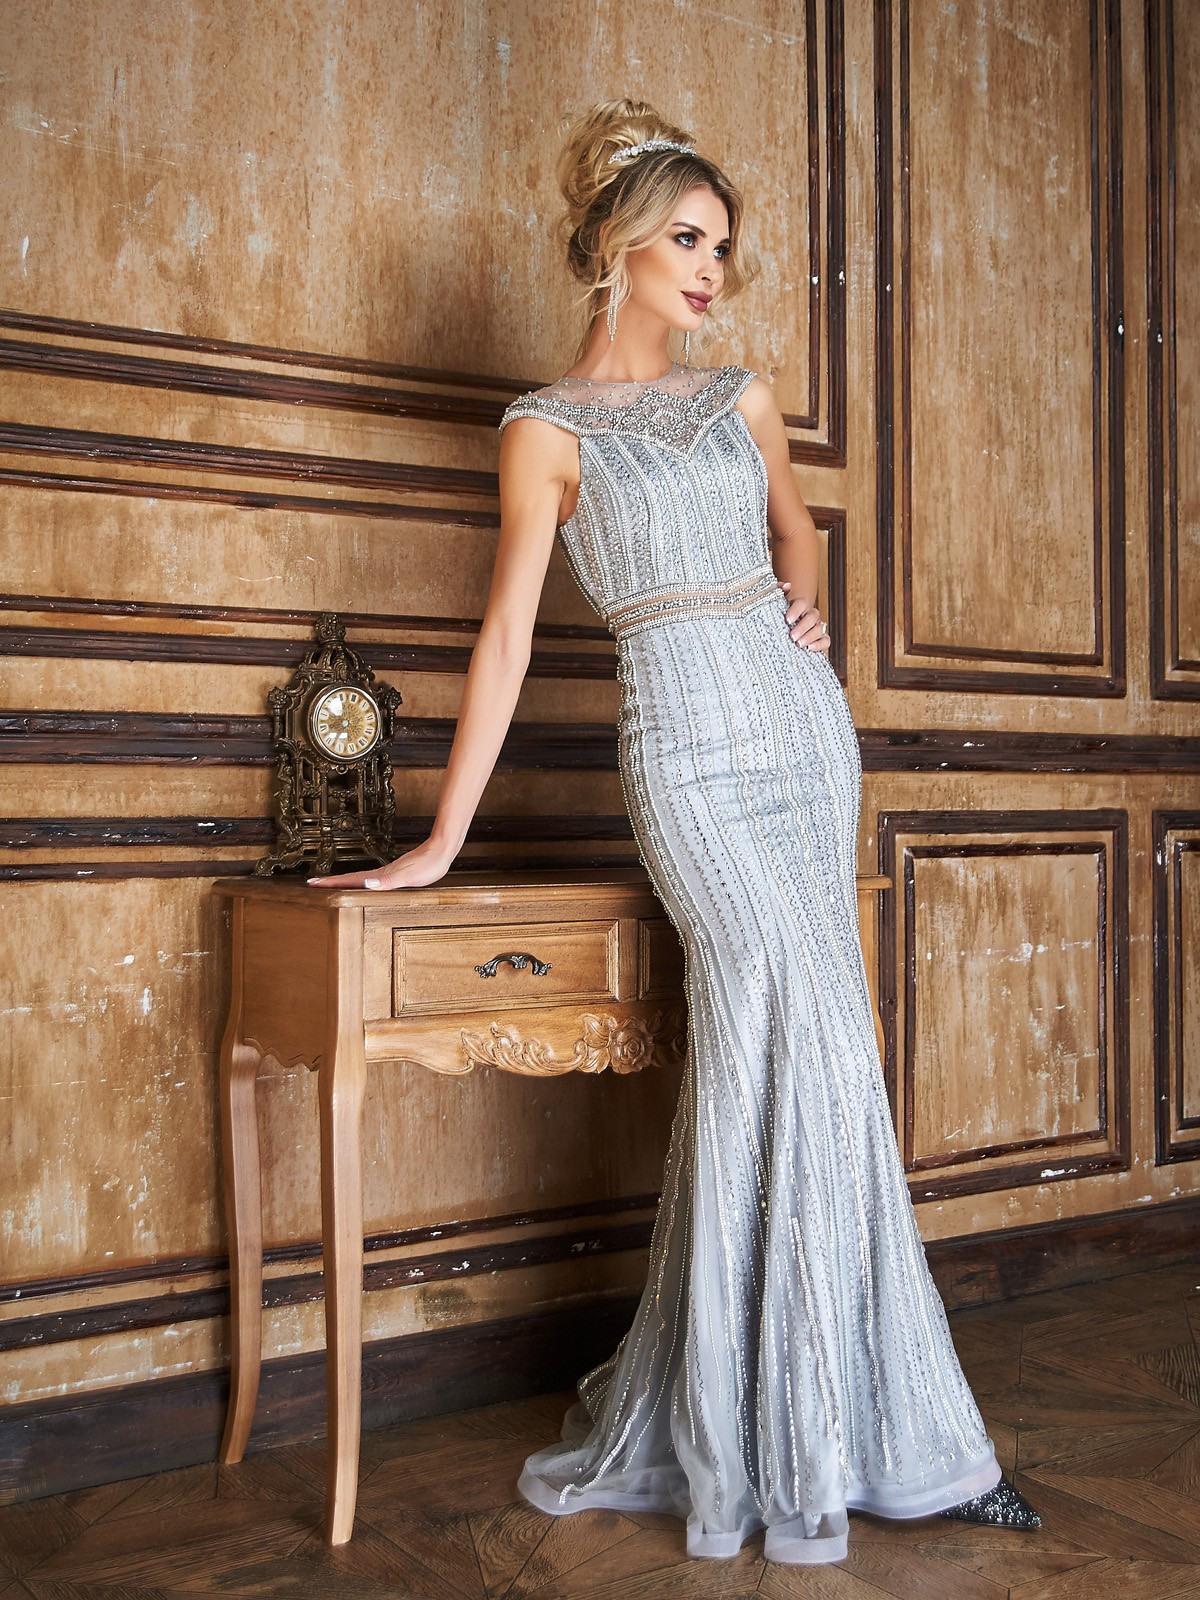 17 Einzigartig Abend Kleid Mieten Stylish Großartig Abend Kleid Mieten Vertrieb